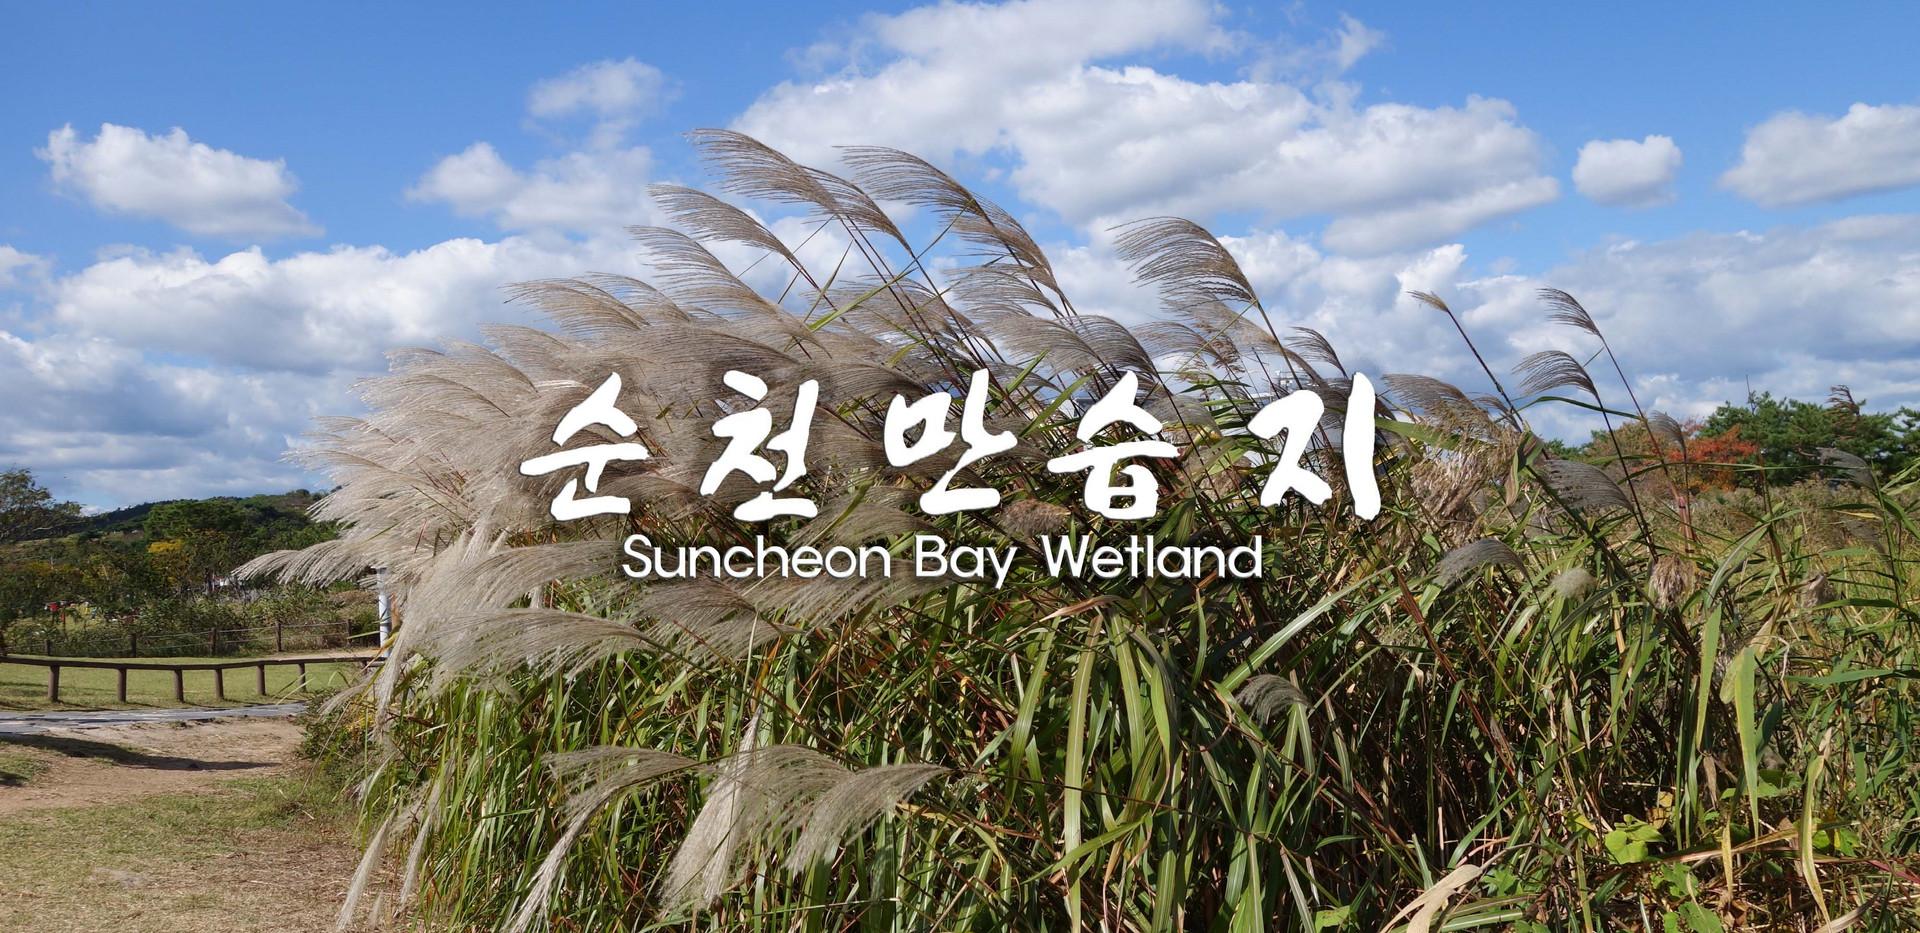 Suncheon Suncheonman Bay-01.jpg